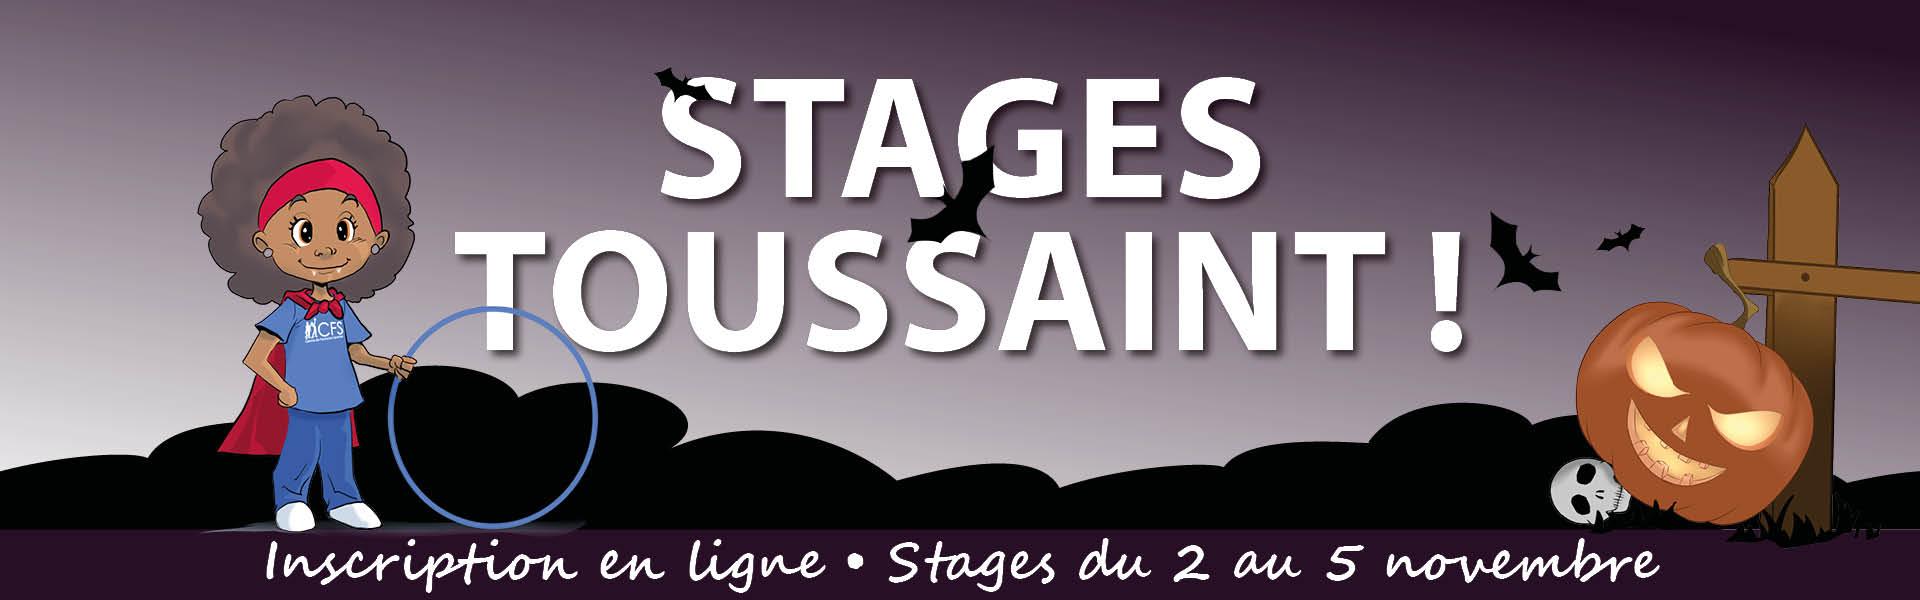 Stages Toussaint en ligne !